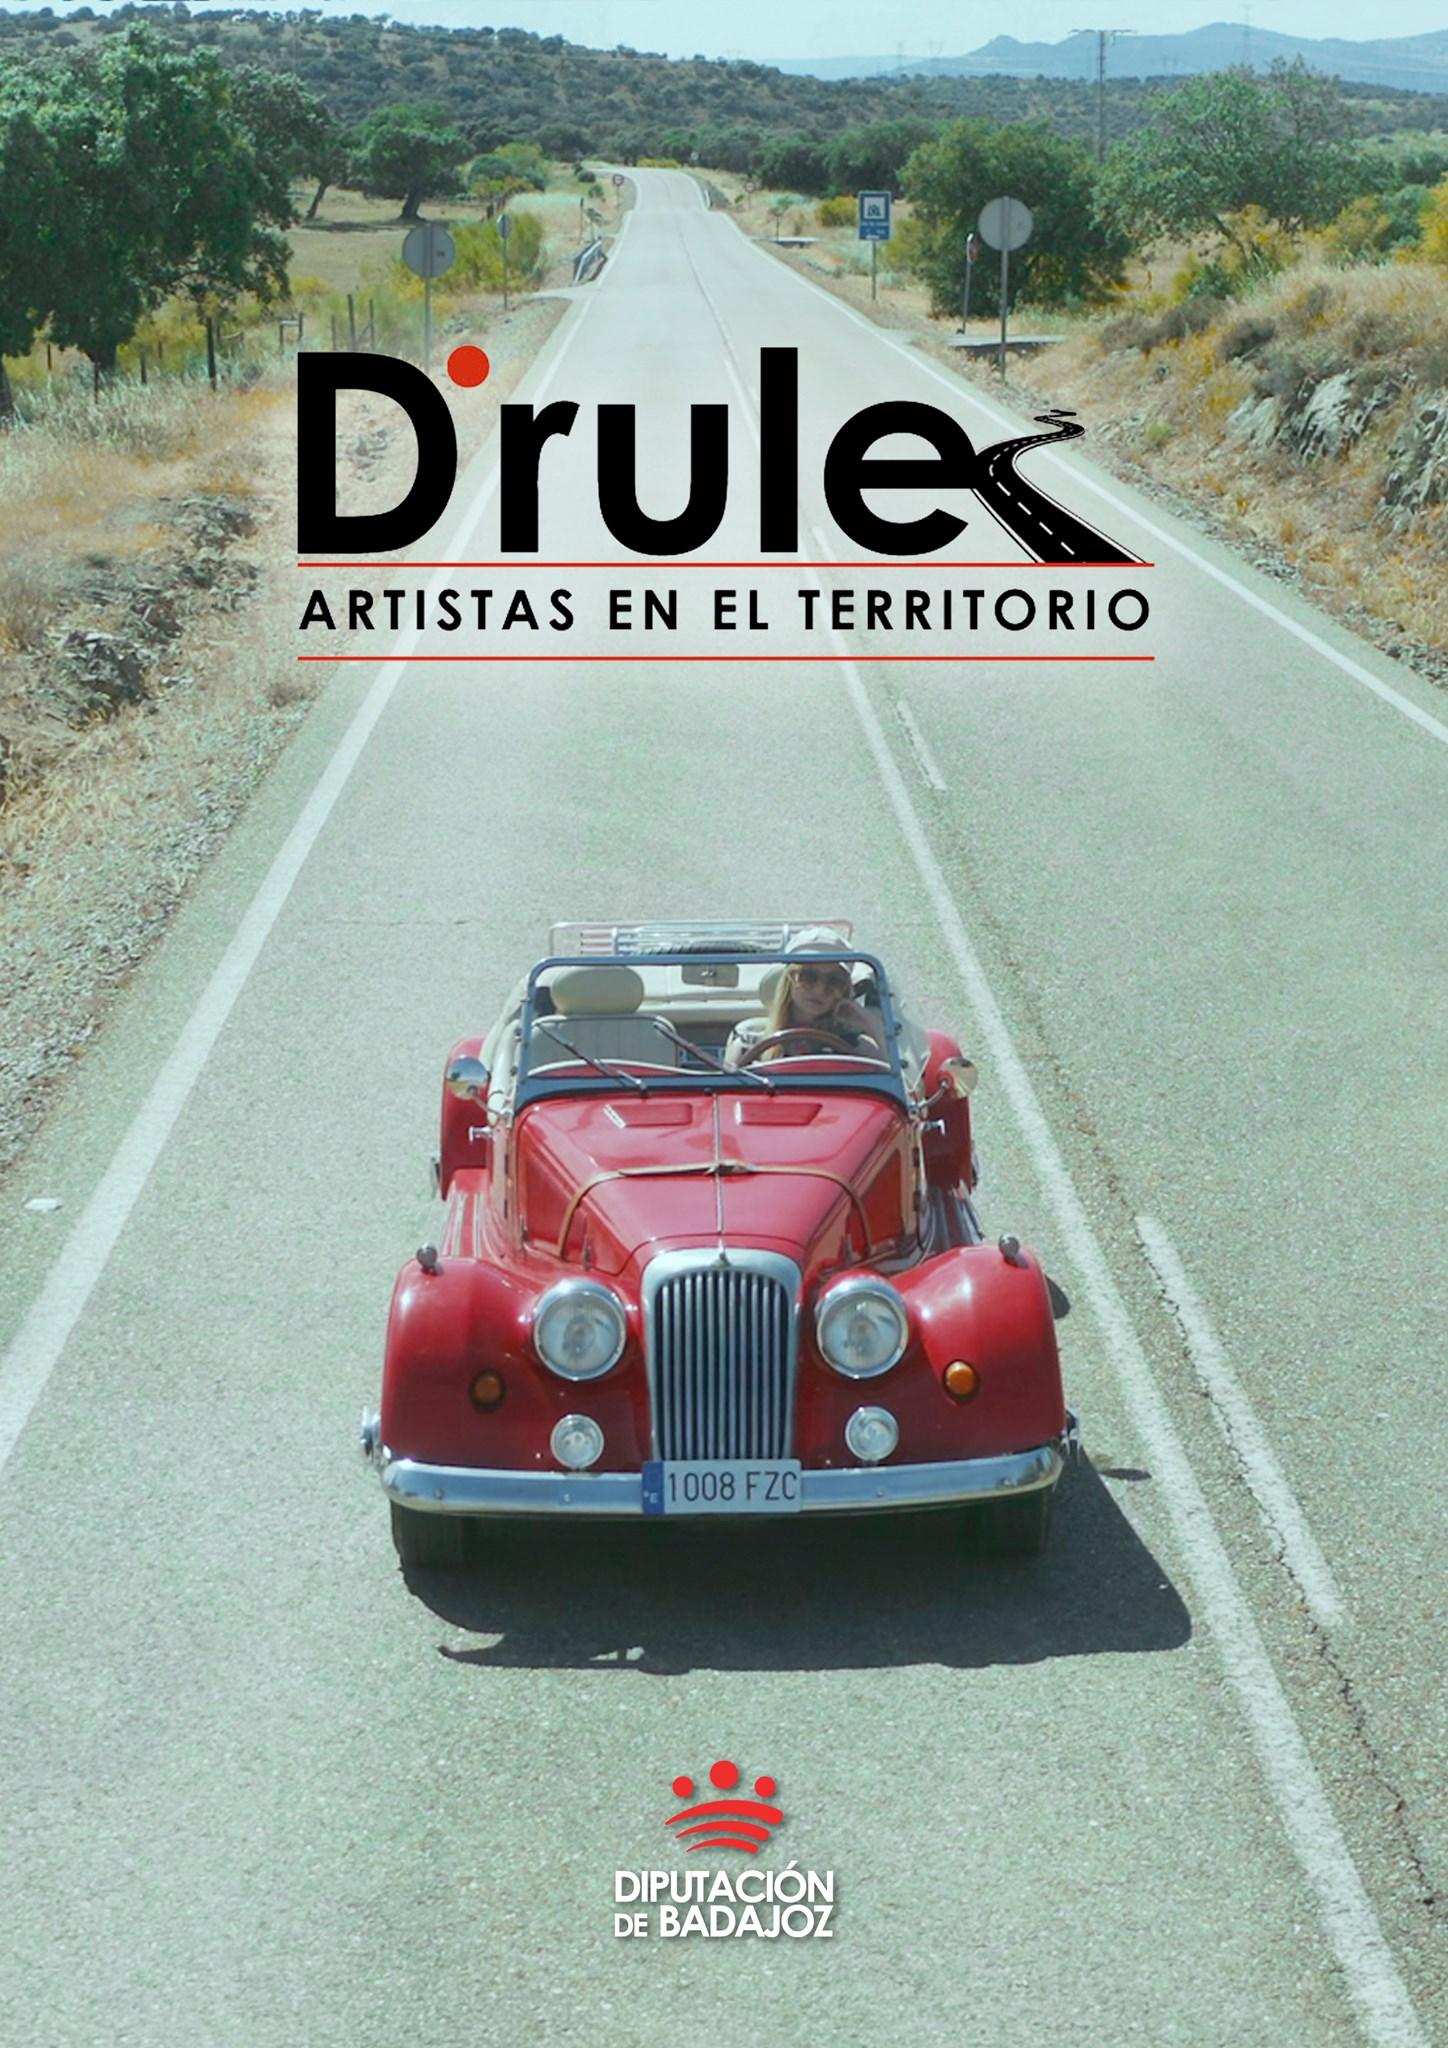 TEATRO   D'Rule 21: «Un encuentro con Miguel Hernández», de Teatro Guirigai